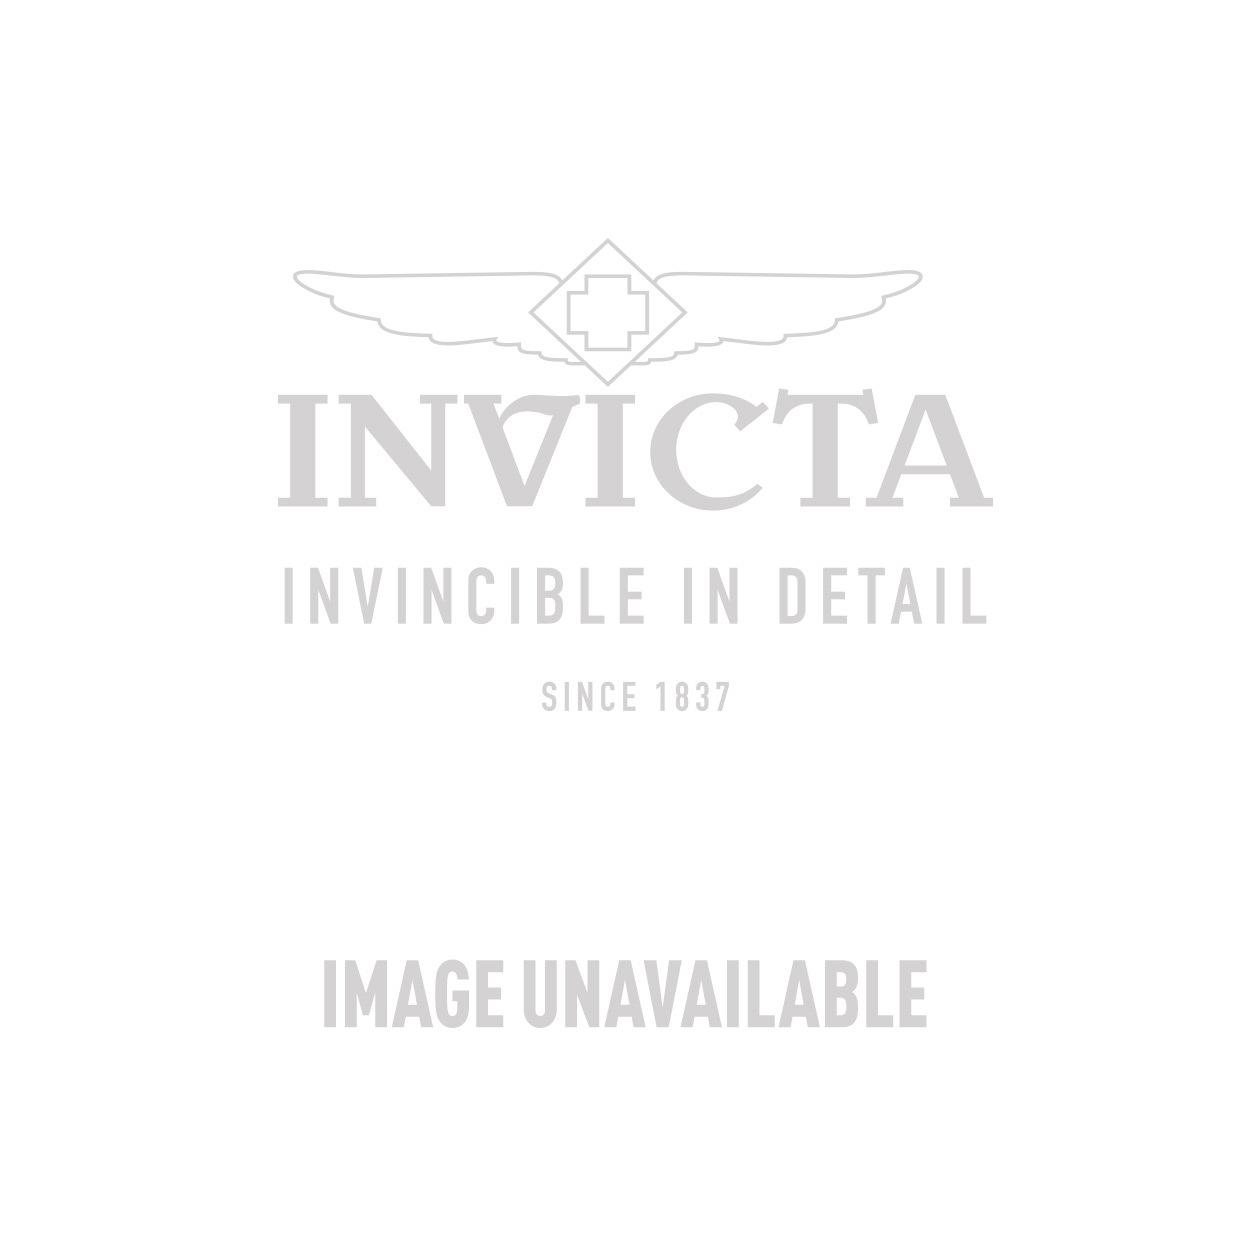 Invicta Corduba Quartz Watch - Gunmetal case with Black tone Leather band - Model 90246